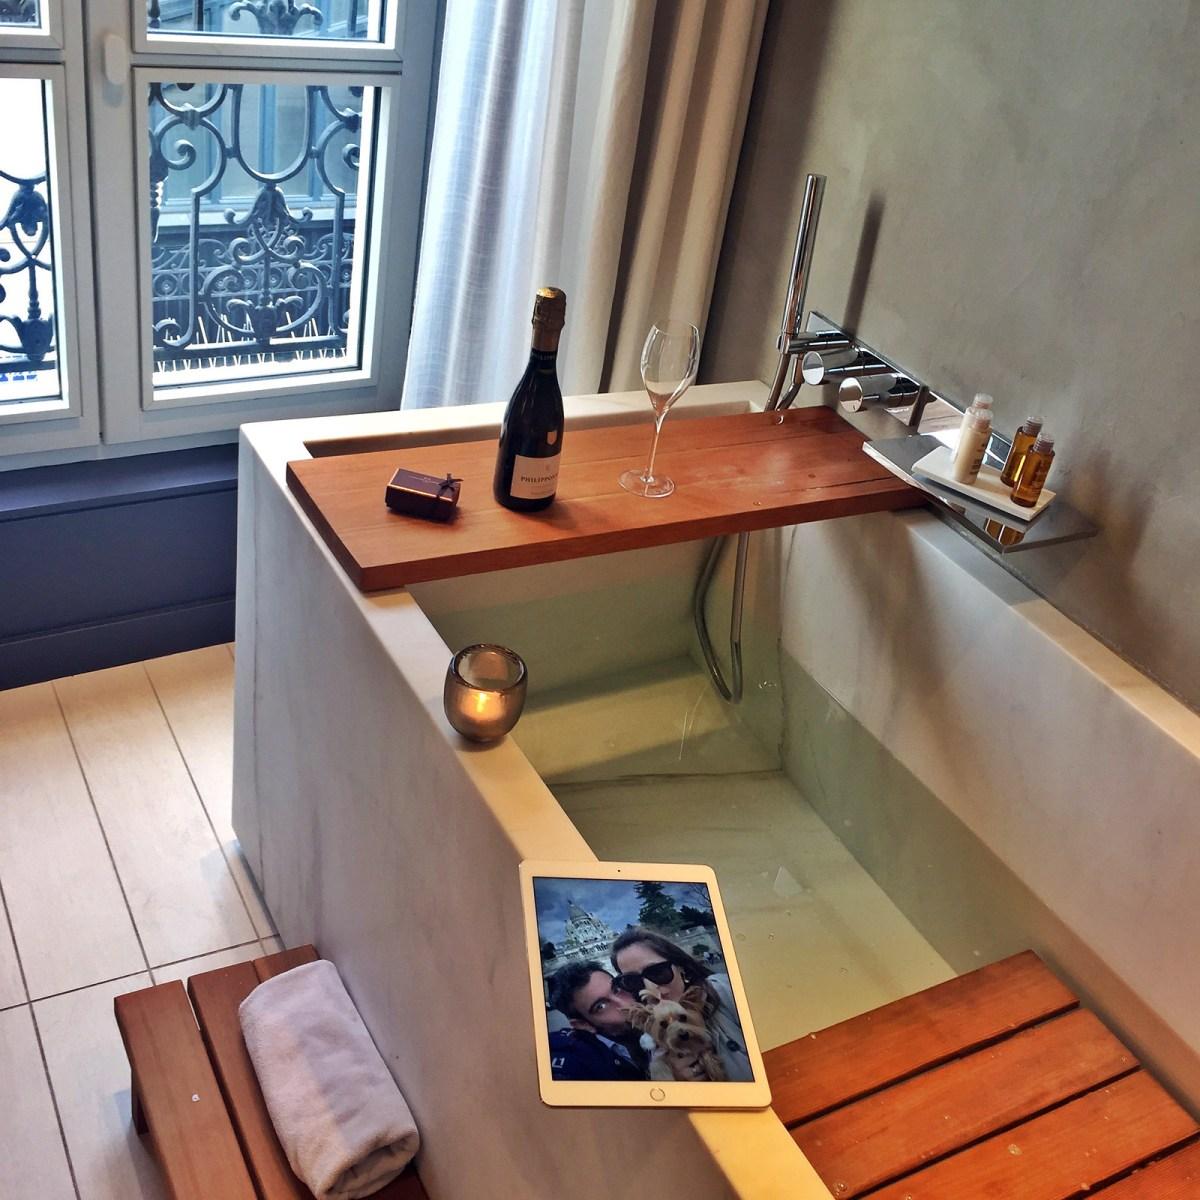 Viajar a Paris con Perro - Hotel de Nell Paris viajar a paris con perro Viajar a Paris con perro 34215581060 7b140ab74c h